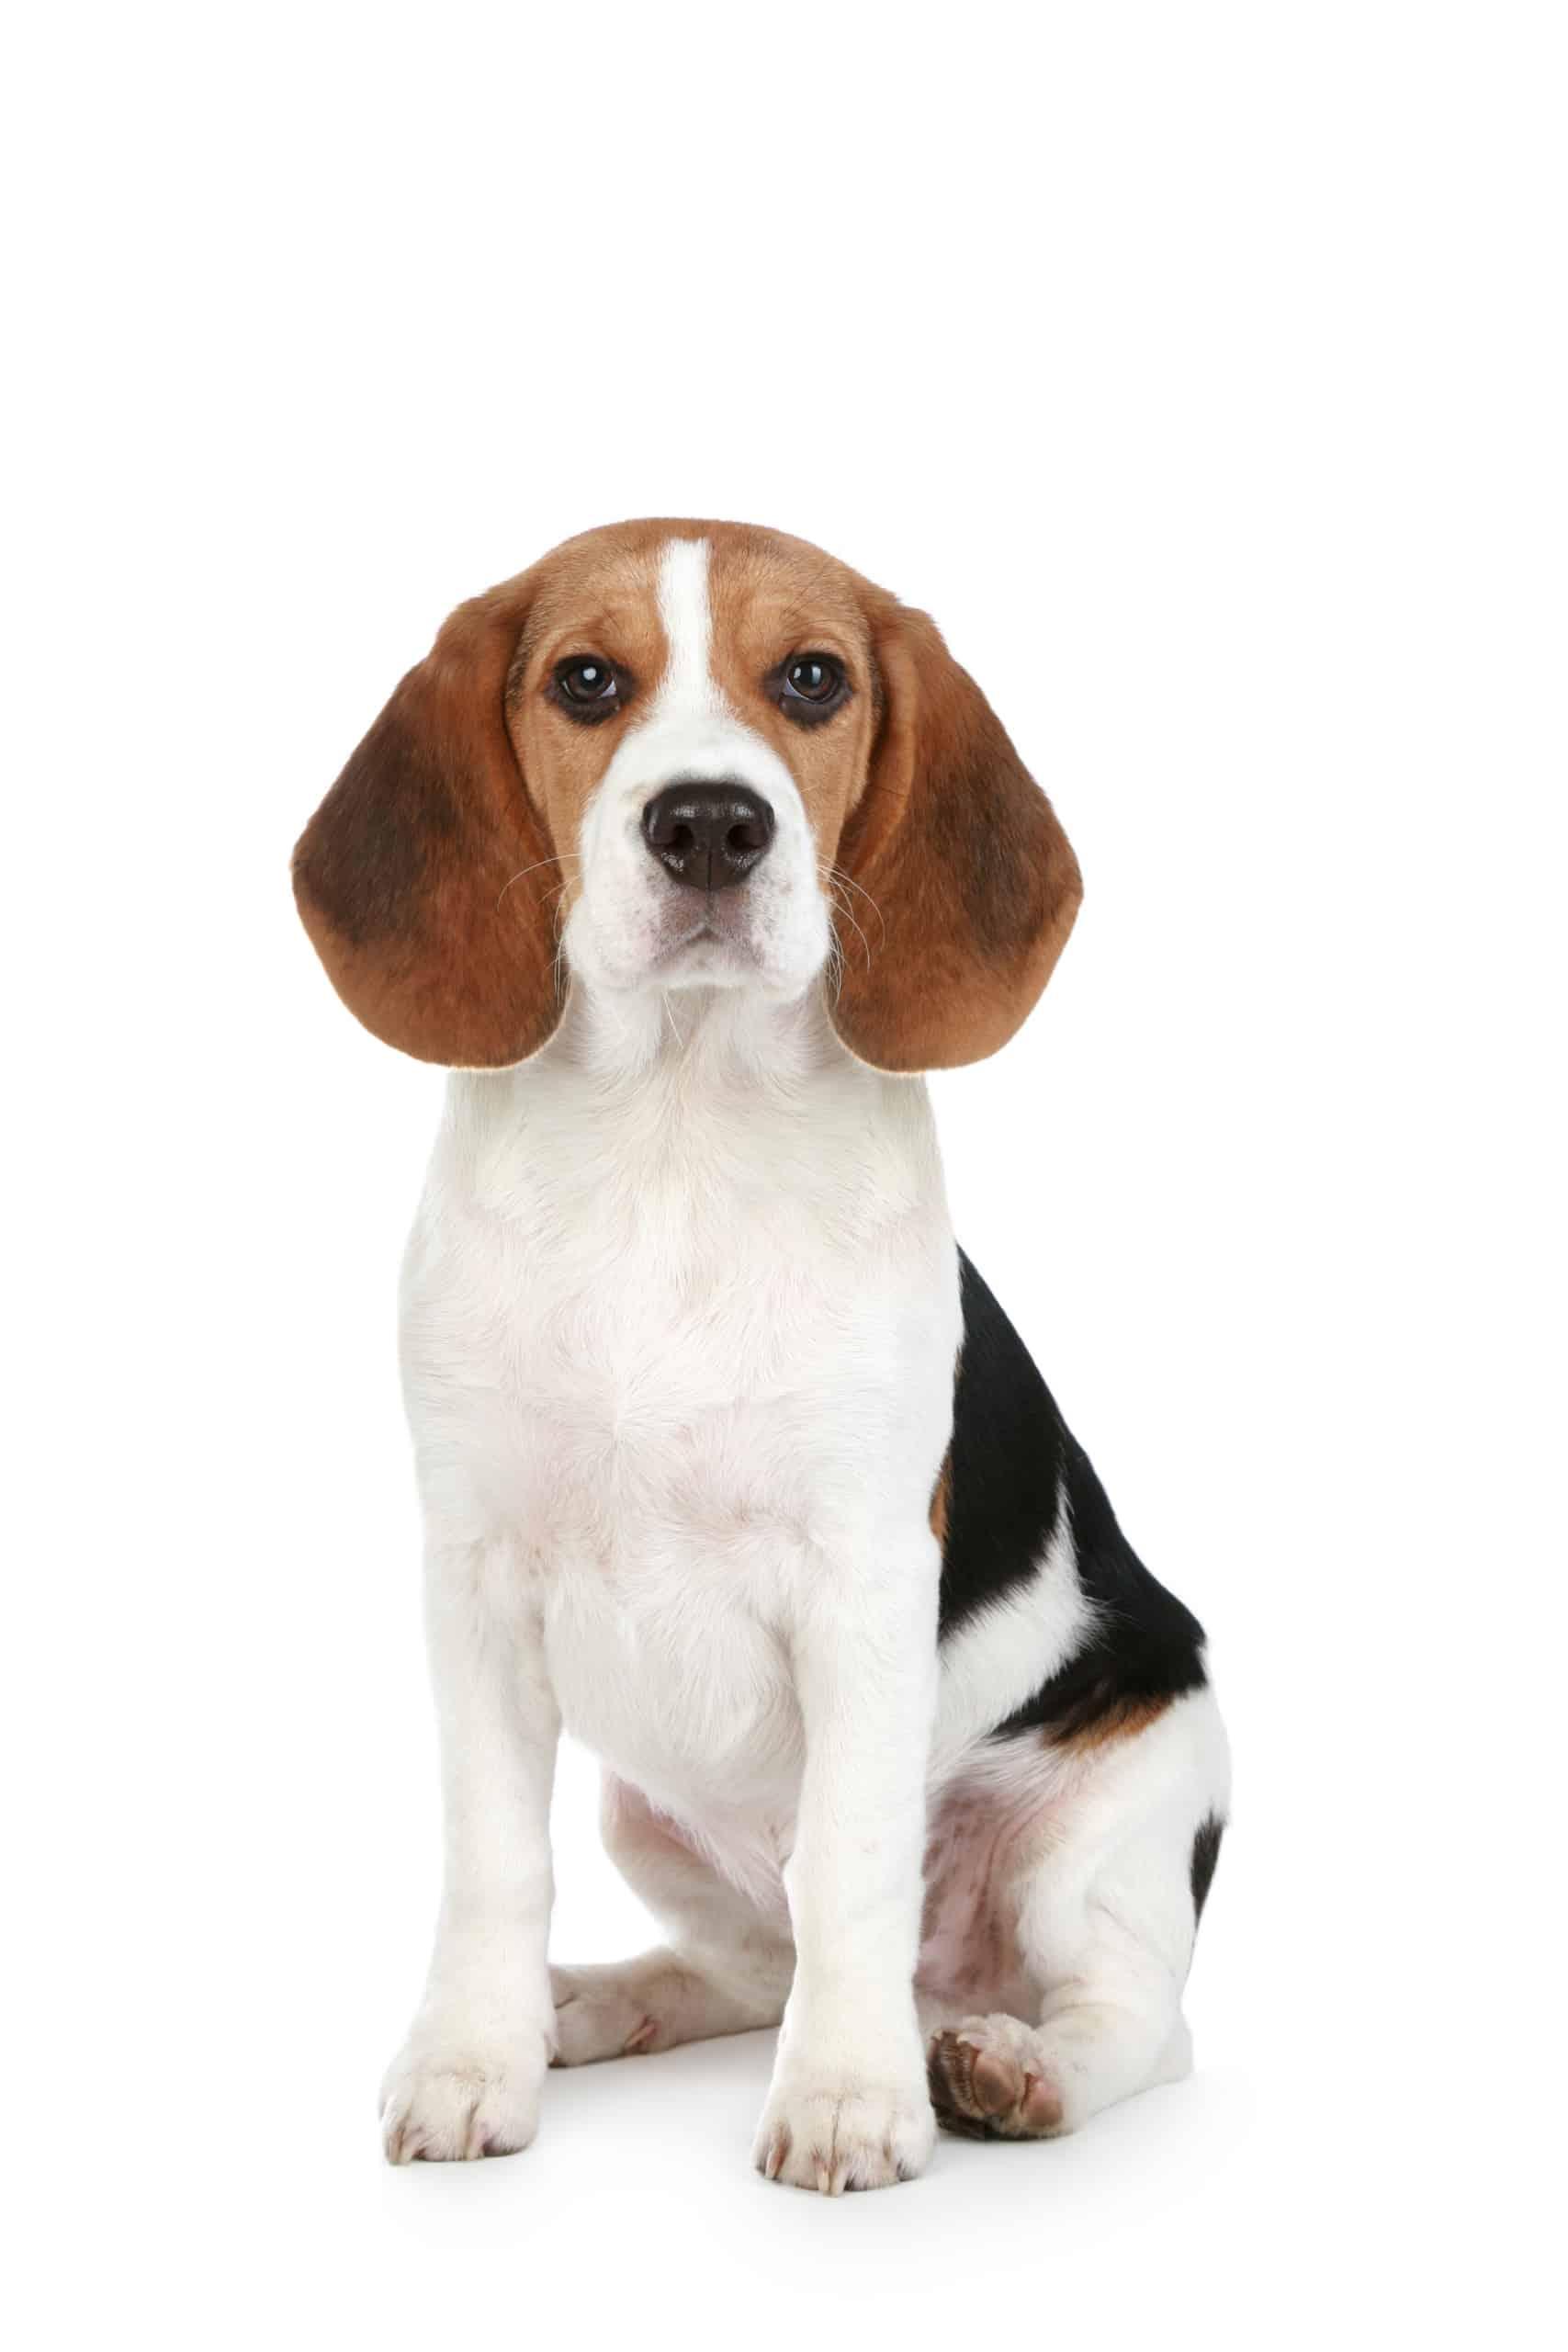 Beagle profile photo